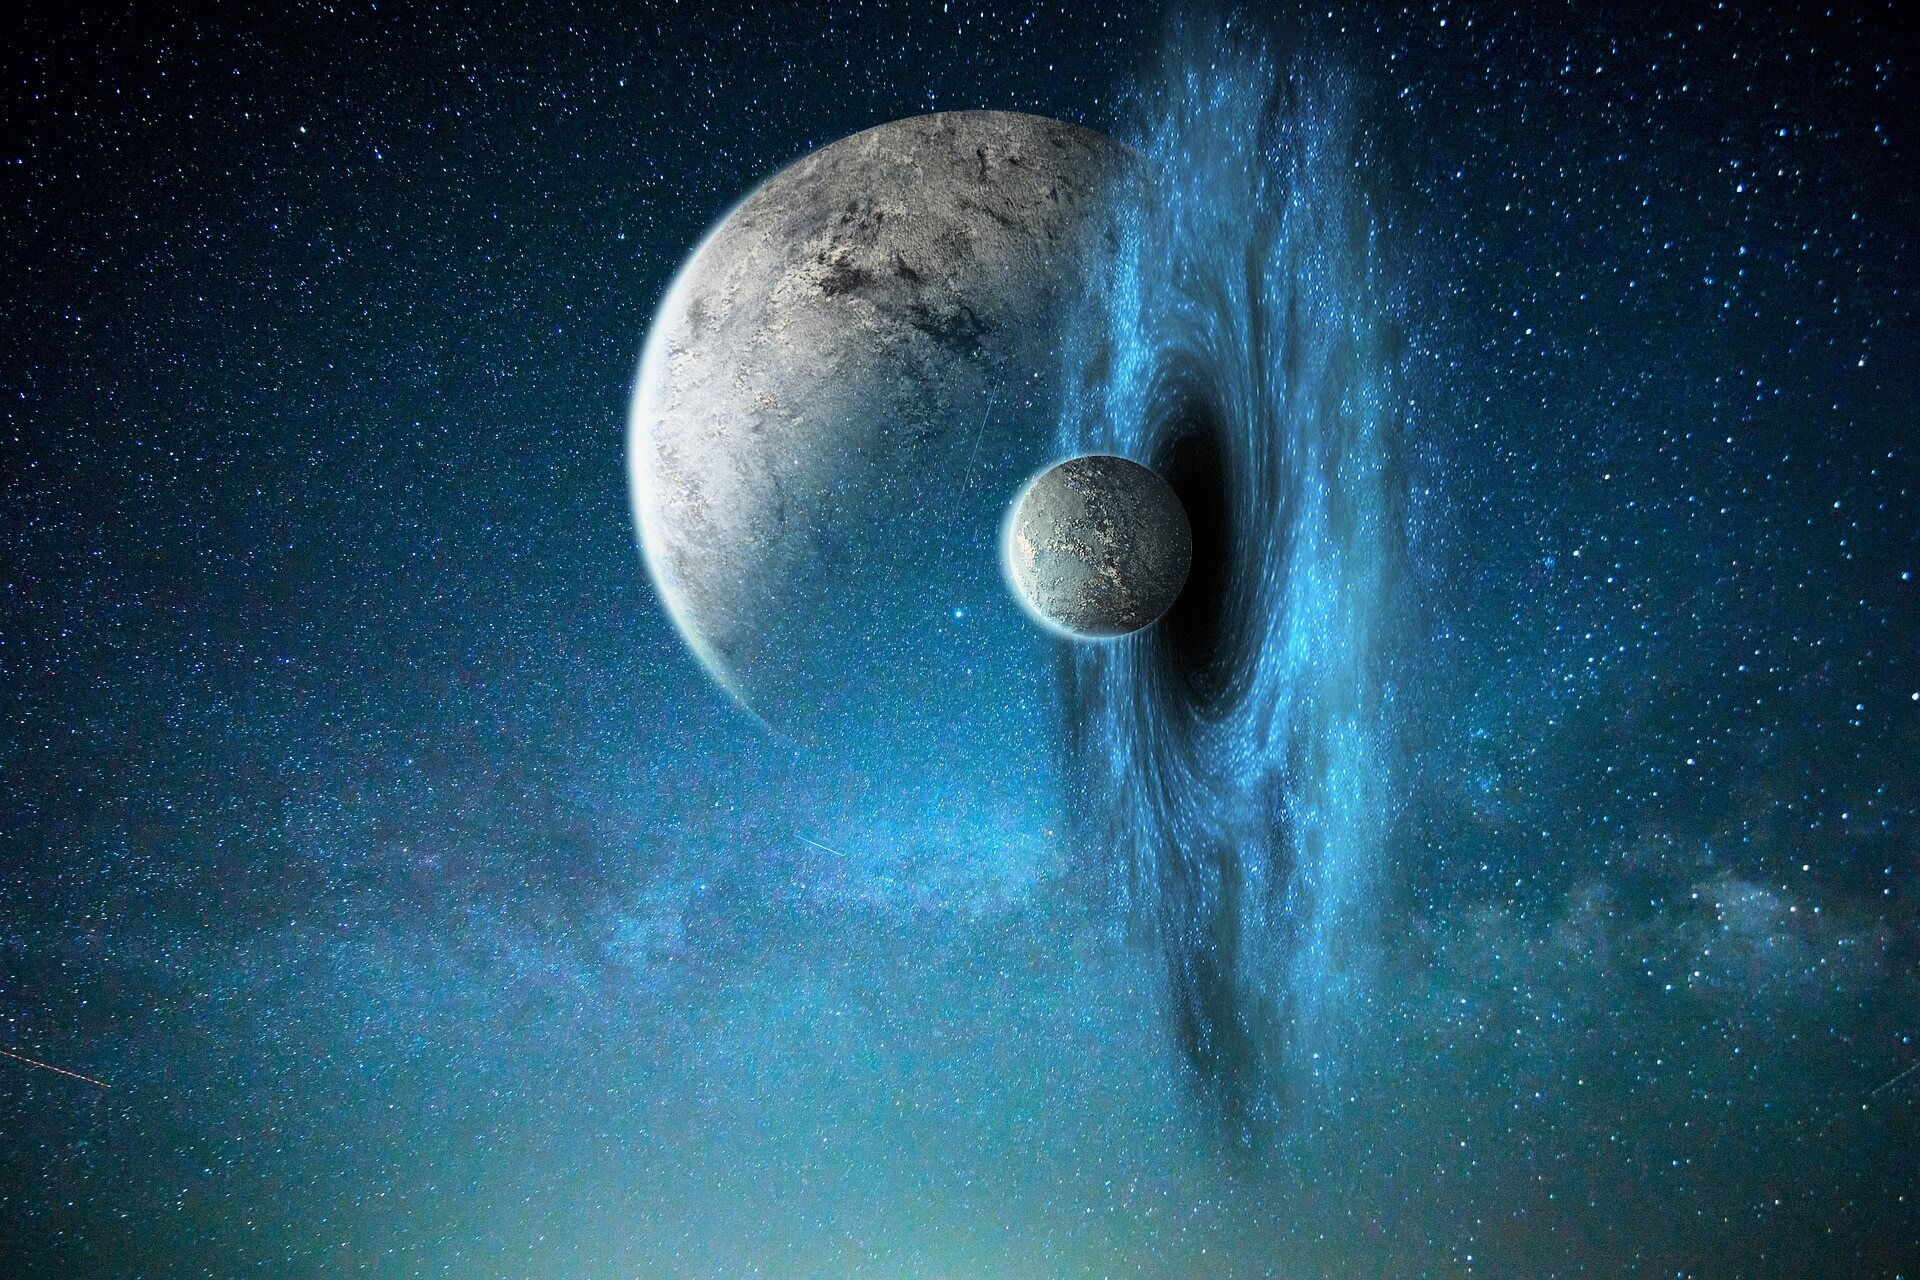 пространство-время, космос